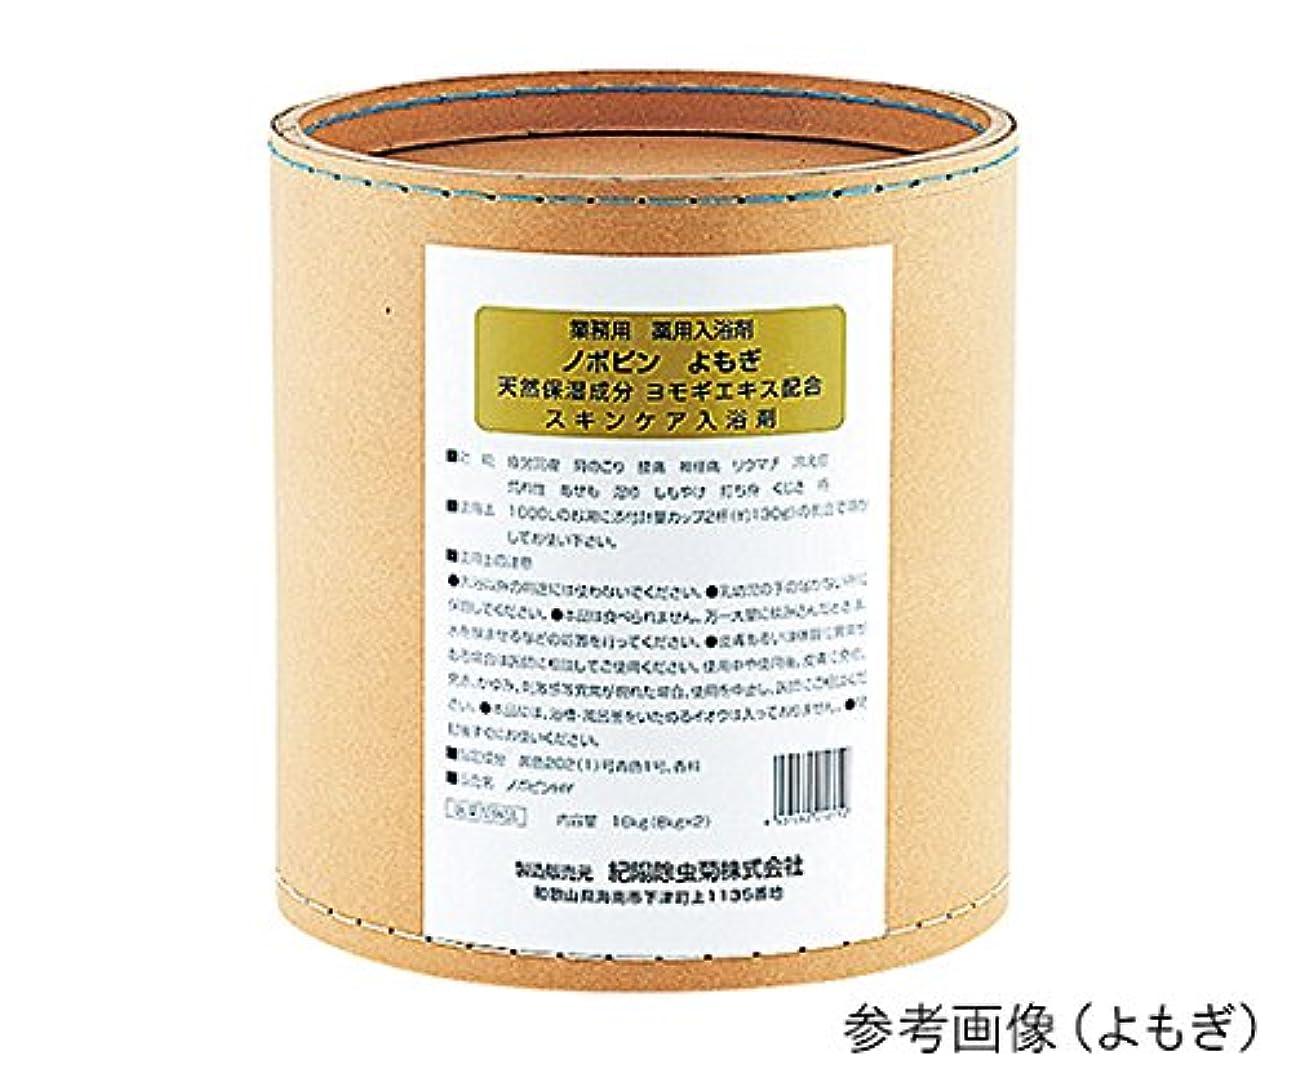 助けて進捗対処紀陽除虫菊7-2541-04業務用薬用入浴剤(ノボピン)よもぎ(8kg×2個入)